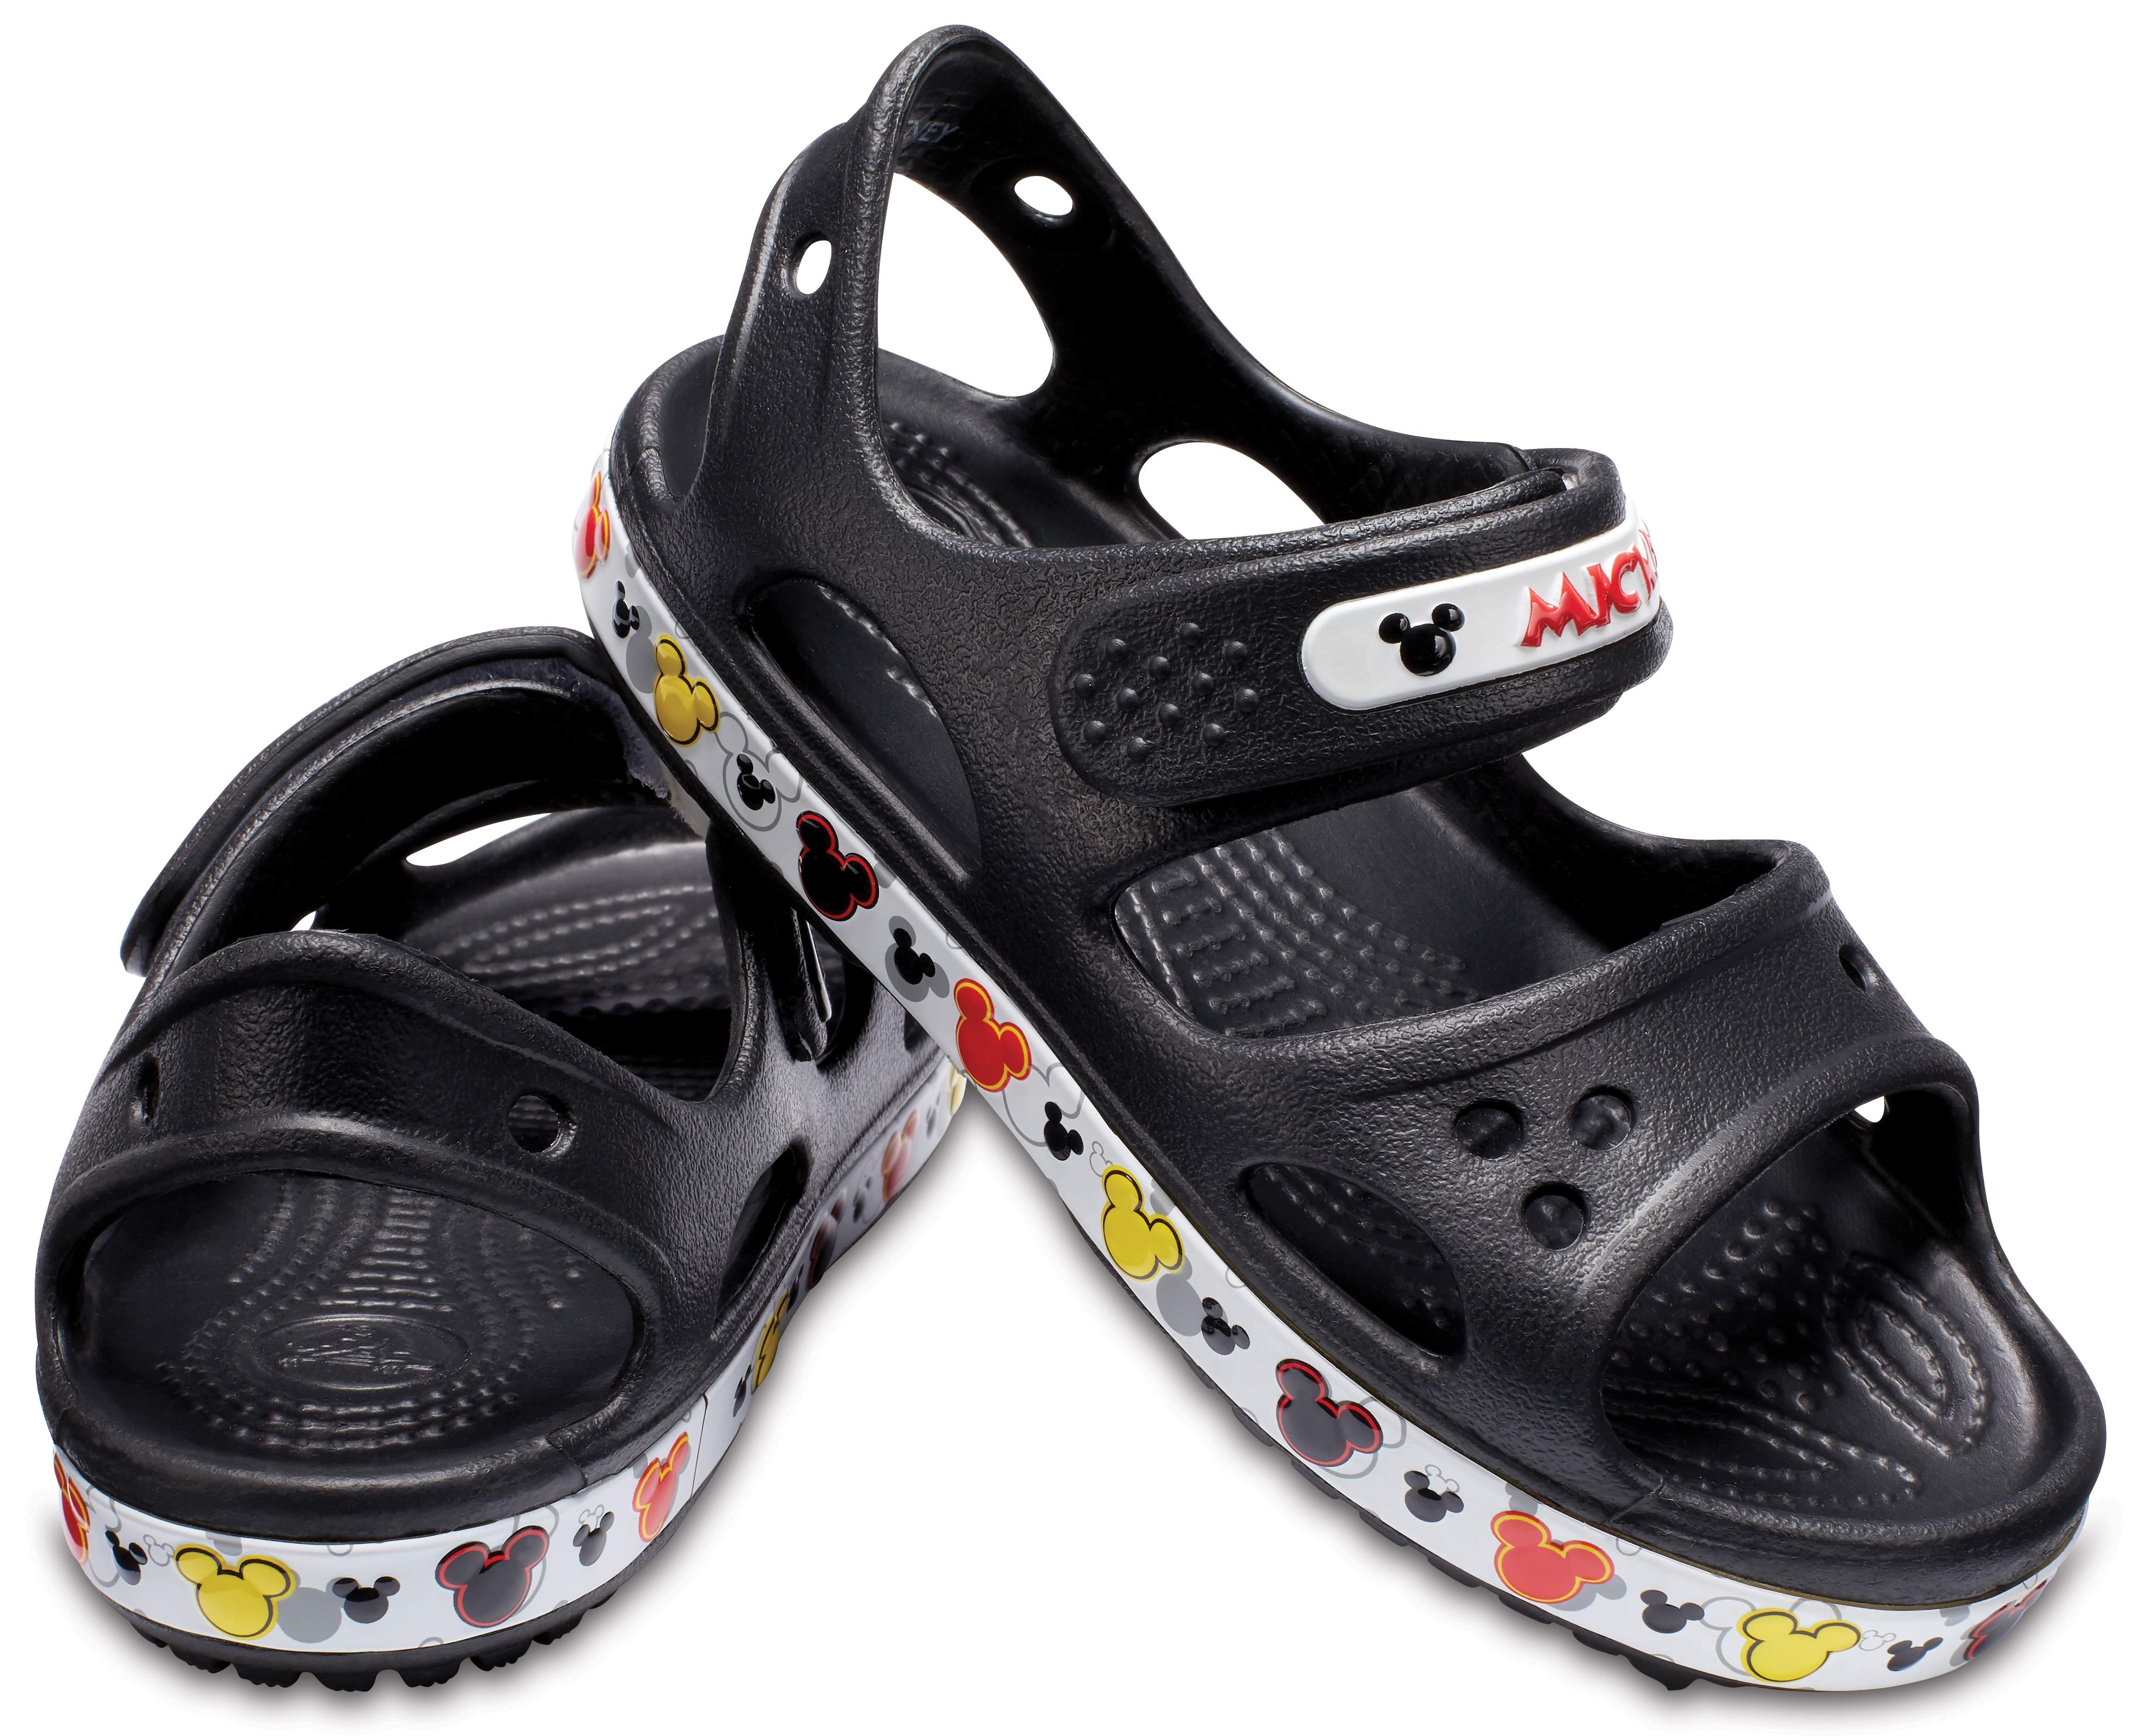 【クロックス公式】 クロックバンド ミッキー 2.0 サンダル PS Kids' Crocband Mickey Mouse II Sandal ユニセックス、キッズ、子供用、男の子、女の子、男女兼用 ブラック/黒 12cm,13cm,14cm,15.5cm,16.5cm sandal サンダル 30%OFF